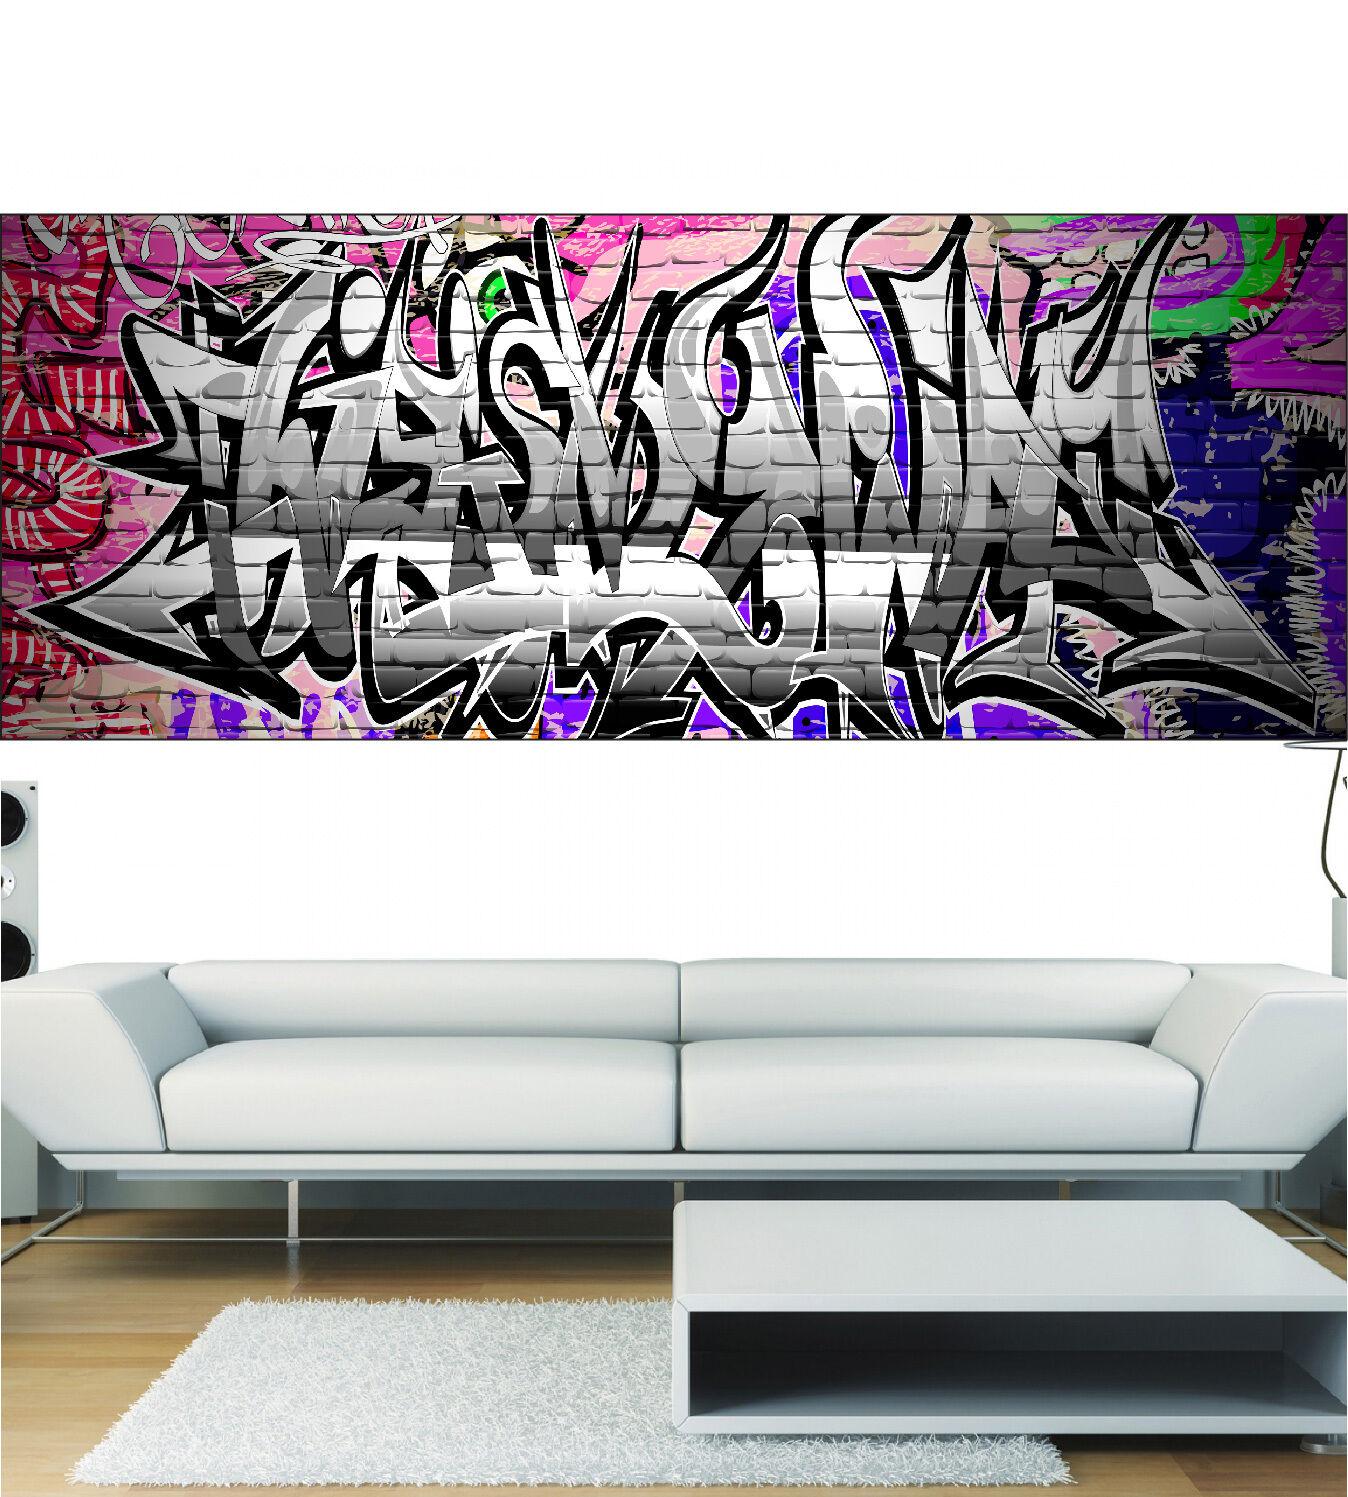 Aufkleber Panorama Deko Graffiti Ref 3675 (13 Größe)